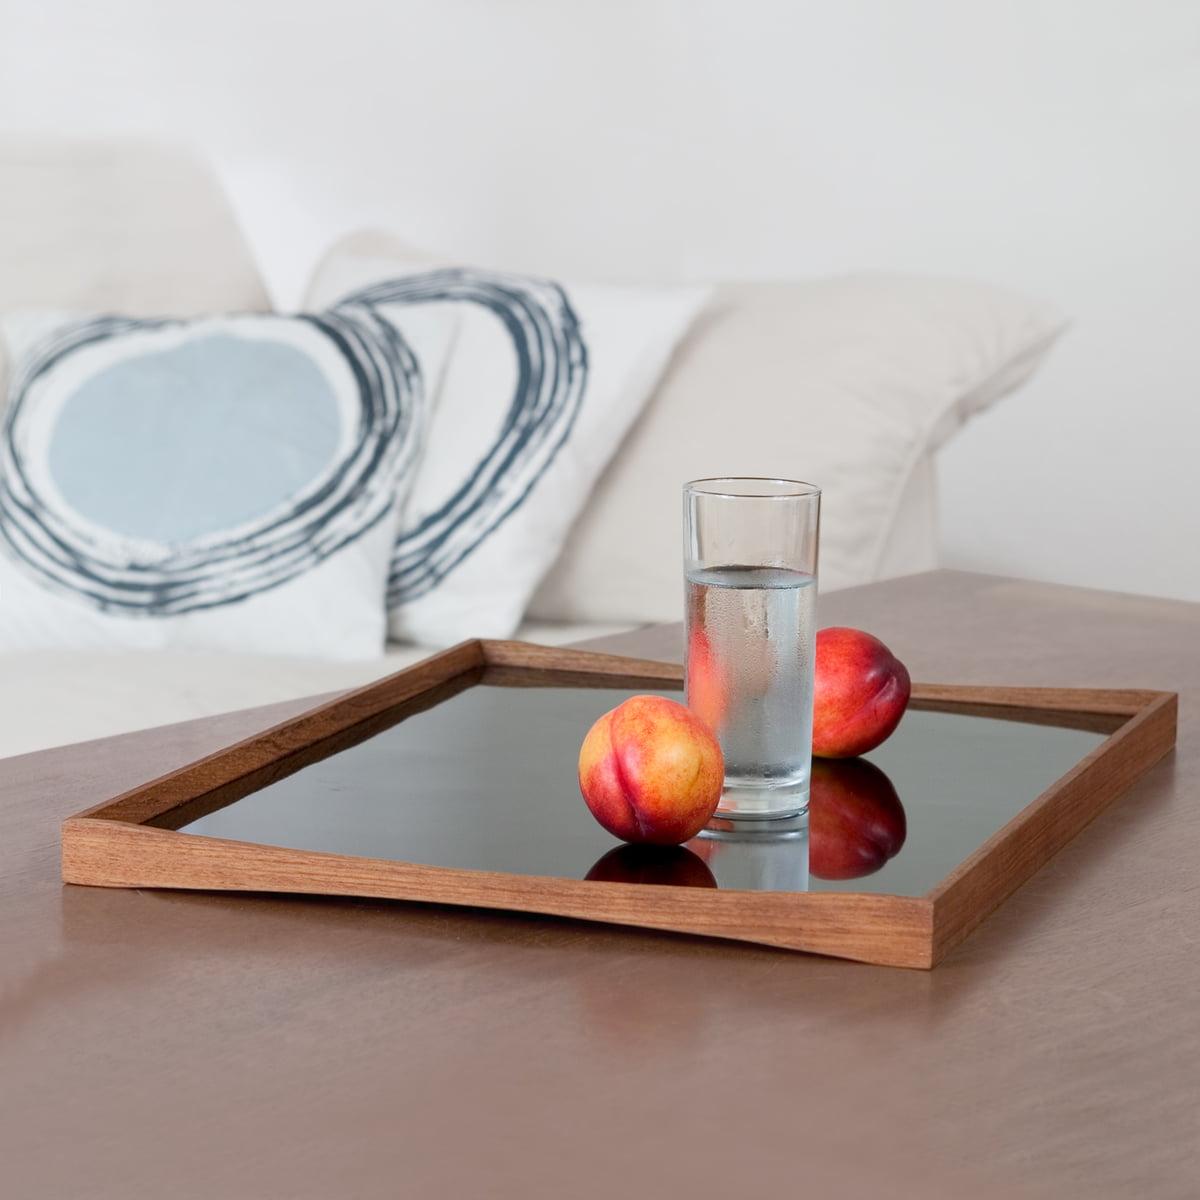 tablett turning tray von finn juhl. Black Bedroom Furniture Sets. Home Design Ideas